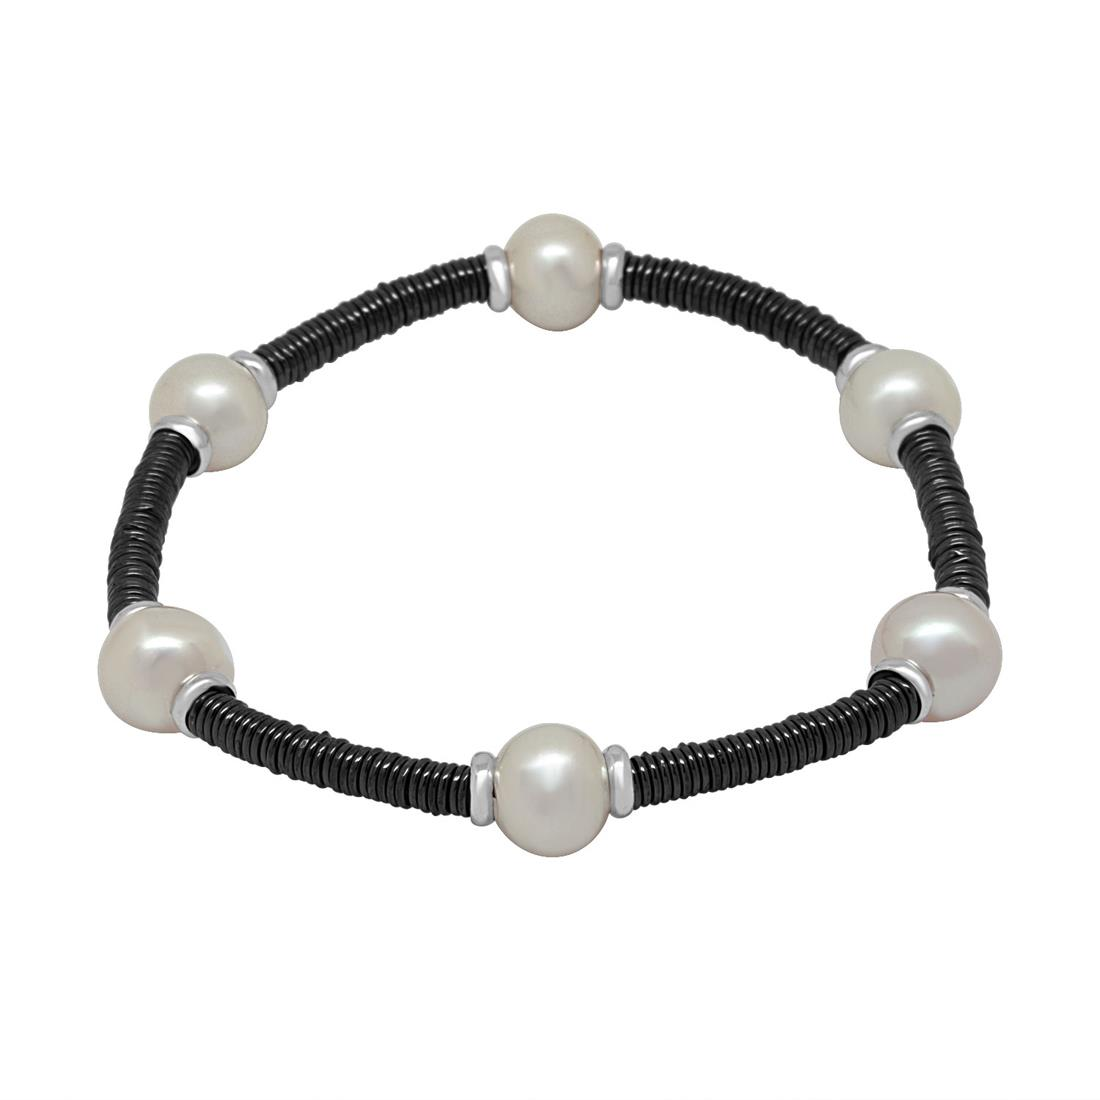 Bracciale in ceramica nera con perle - ROBERTO DEMEGLIO